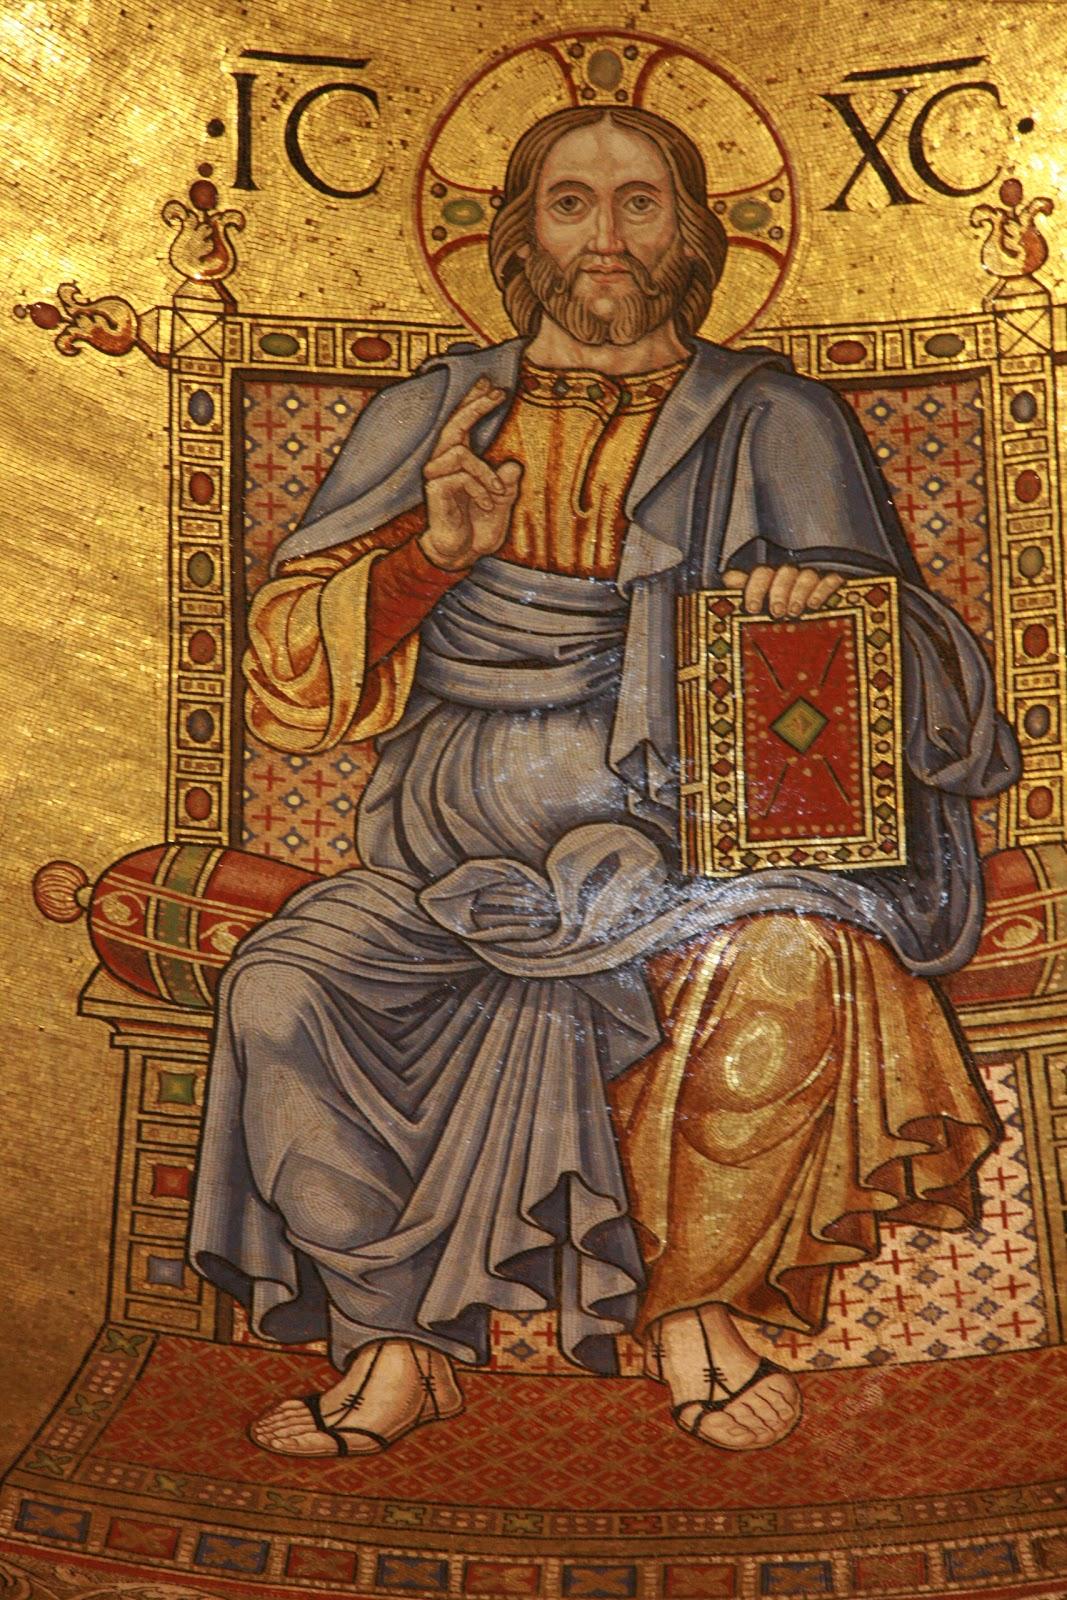 Cristo Re dell'universo dans immagini sacre